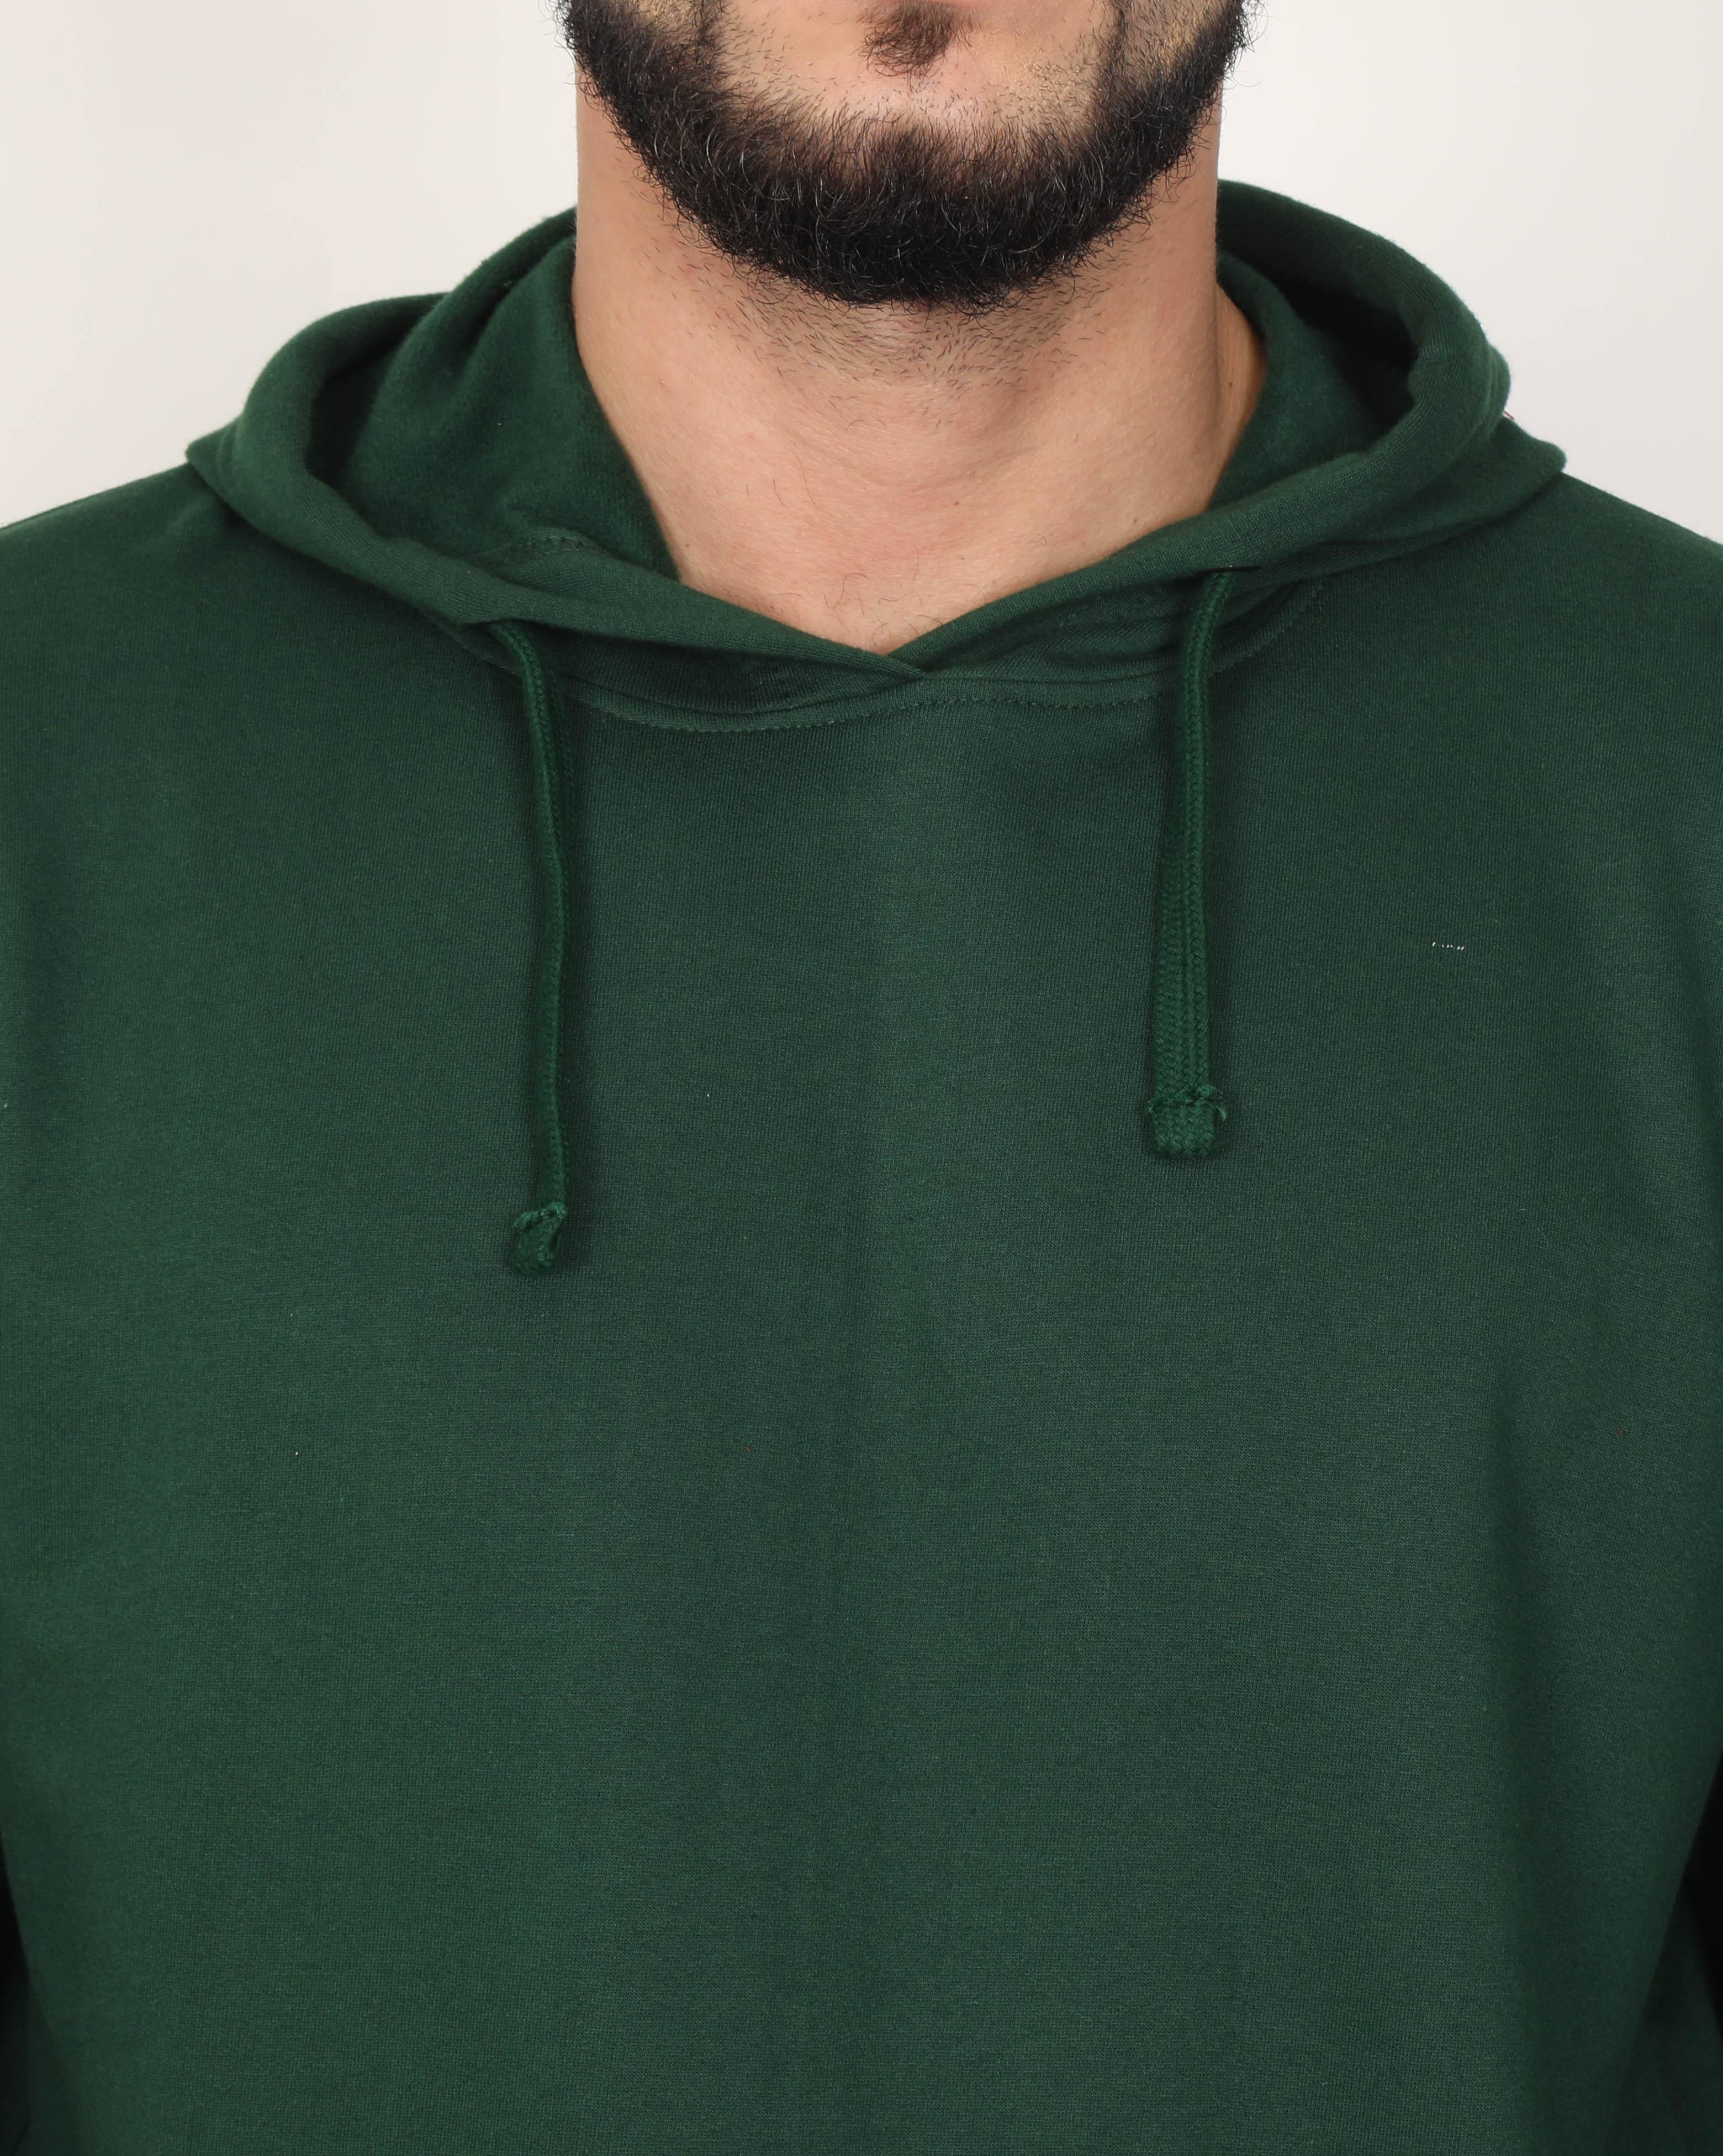 Men's Green Hoodie Sweatshirt